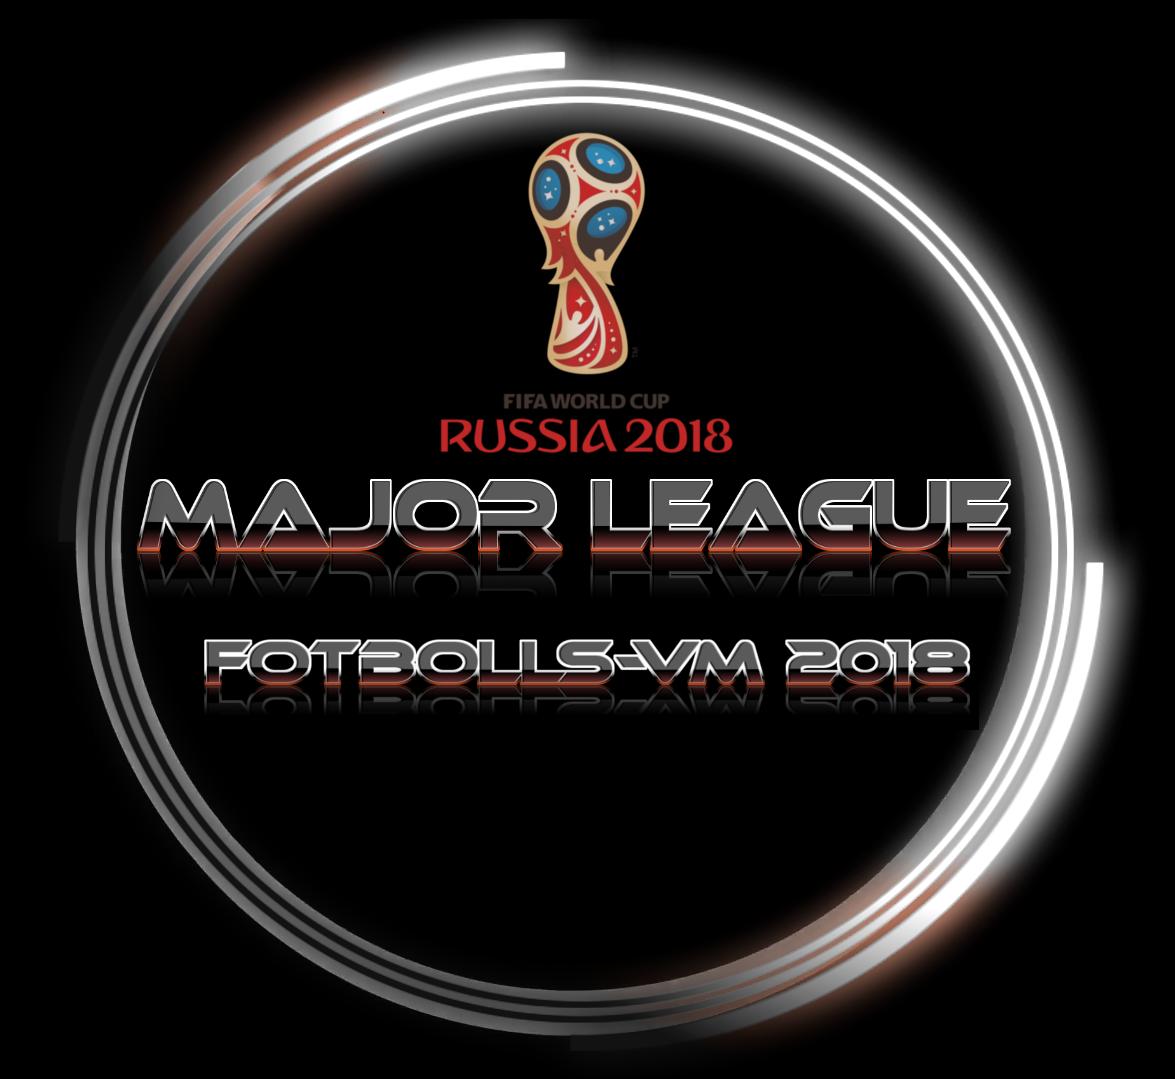 Major League Fotbolls-VM 2018 (nytt tävlingskoncept – 1 plats kvar!)